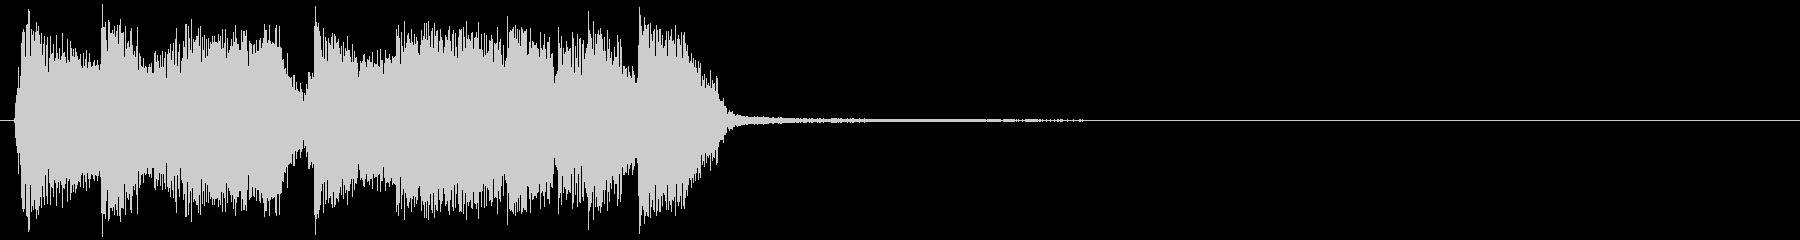 クラビネットがかっこいいファンキーなアイの未再生の波形